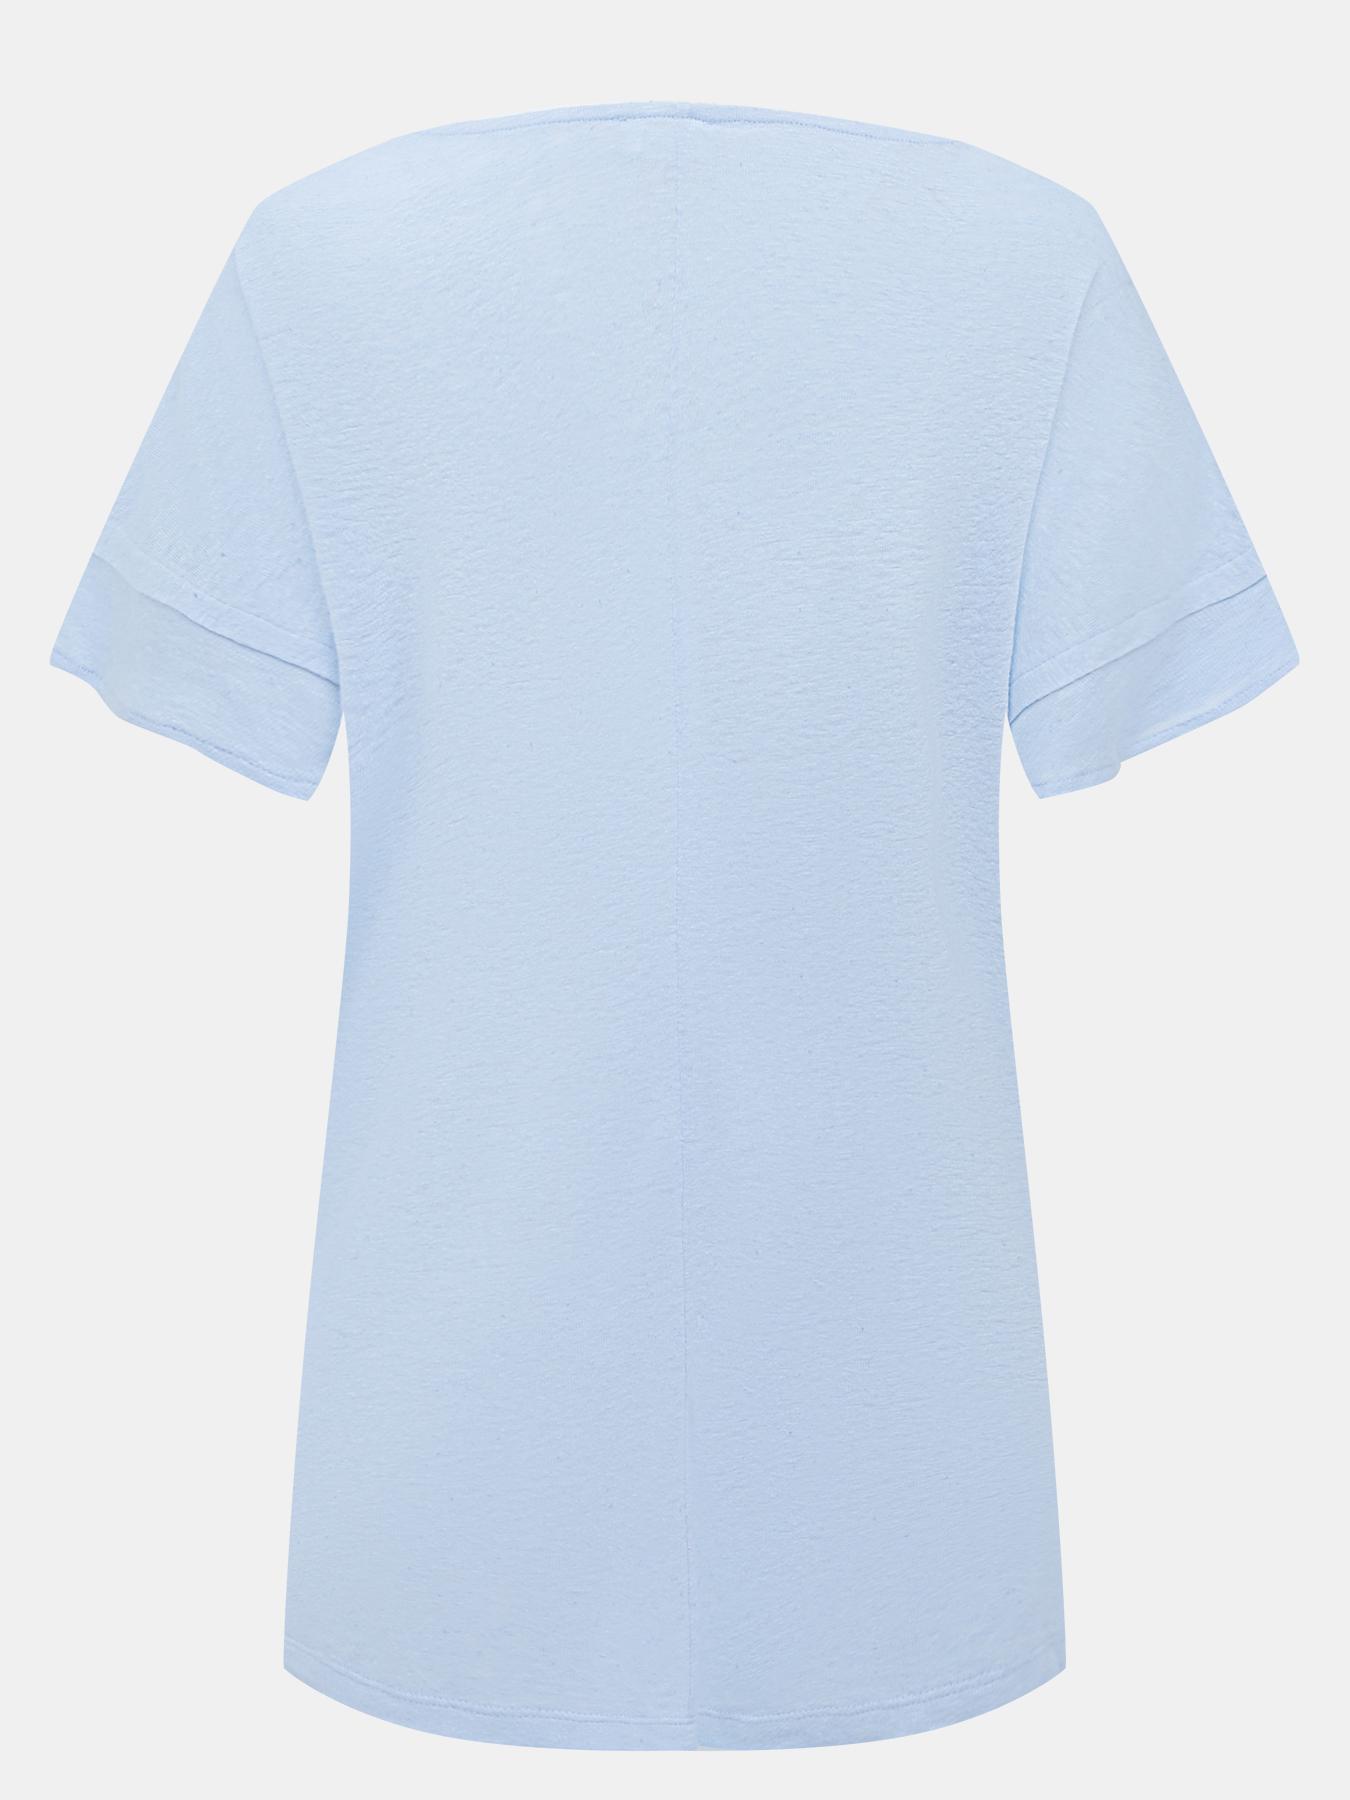 Джемпер Gerry Weber Casual Футболка футболка gerry weber gerry weber ge002ewhroe0